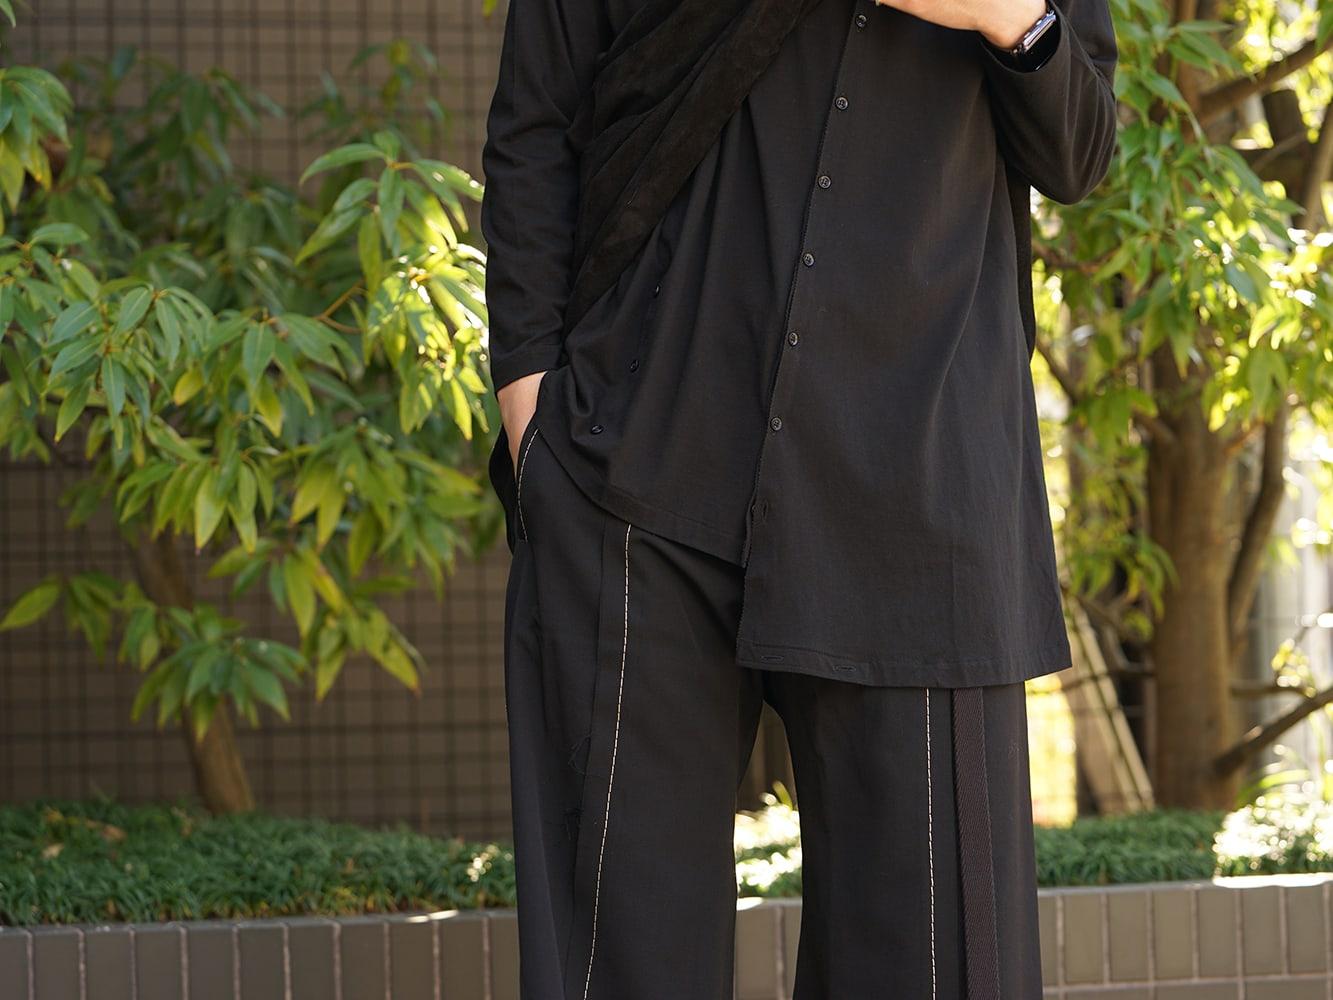 Yohji Yamamoto x B YY 19SS Simple Style 07